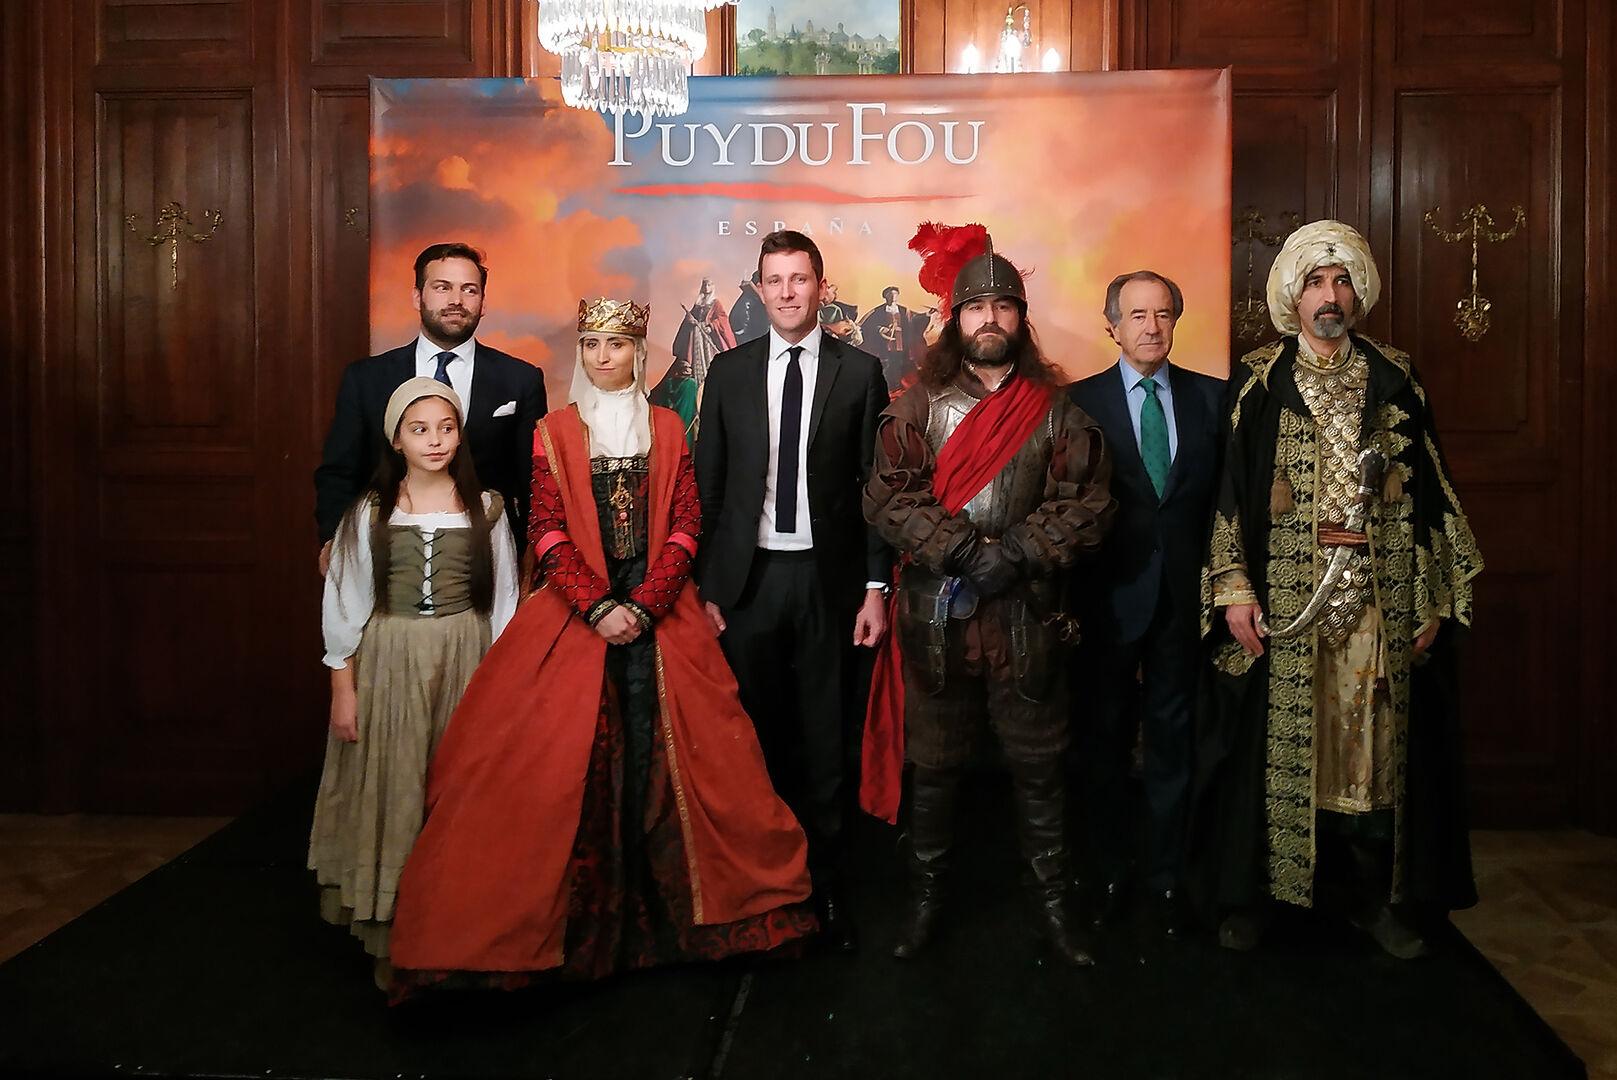 El primer parque temático sobre la Historia de España abrirá sus puertas en Toledo